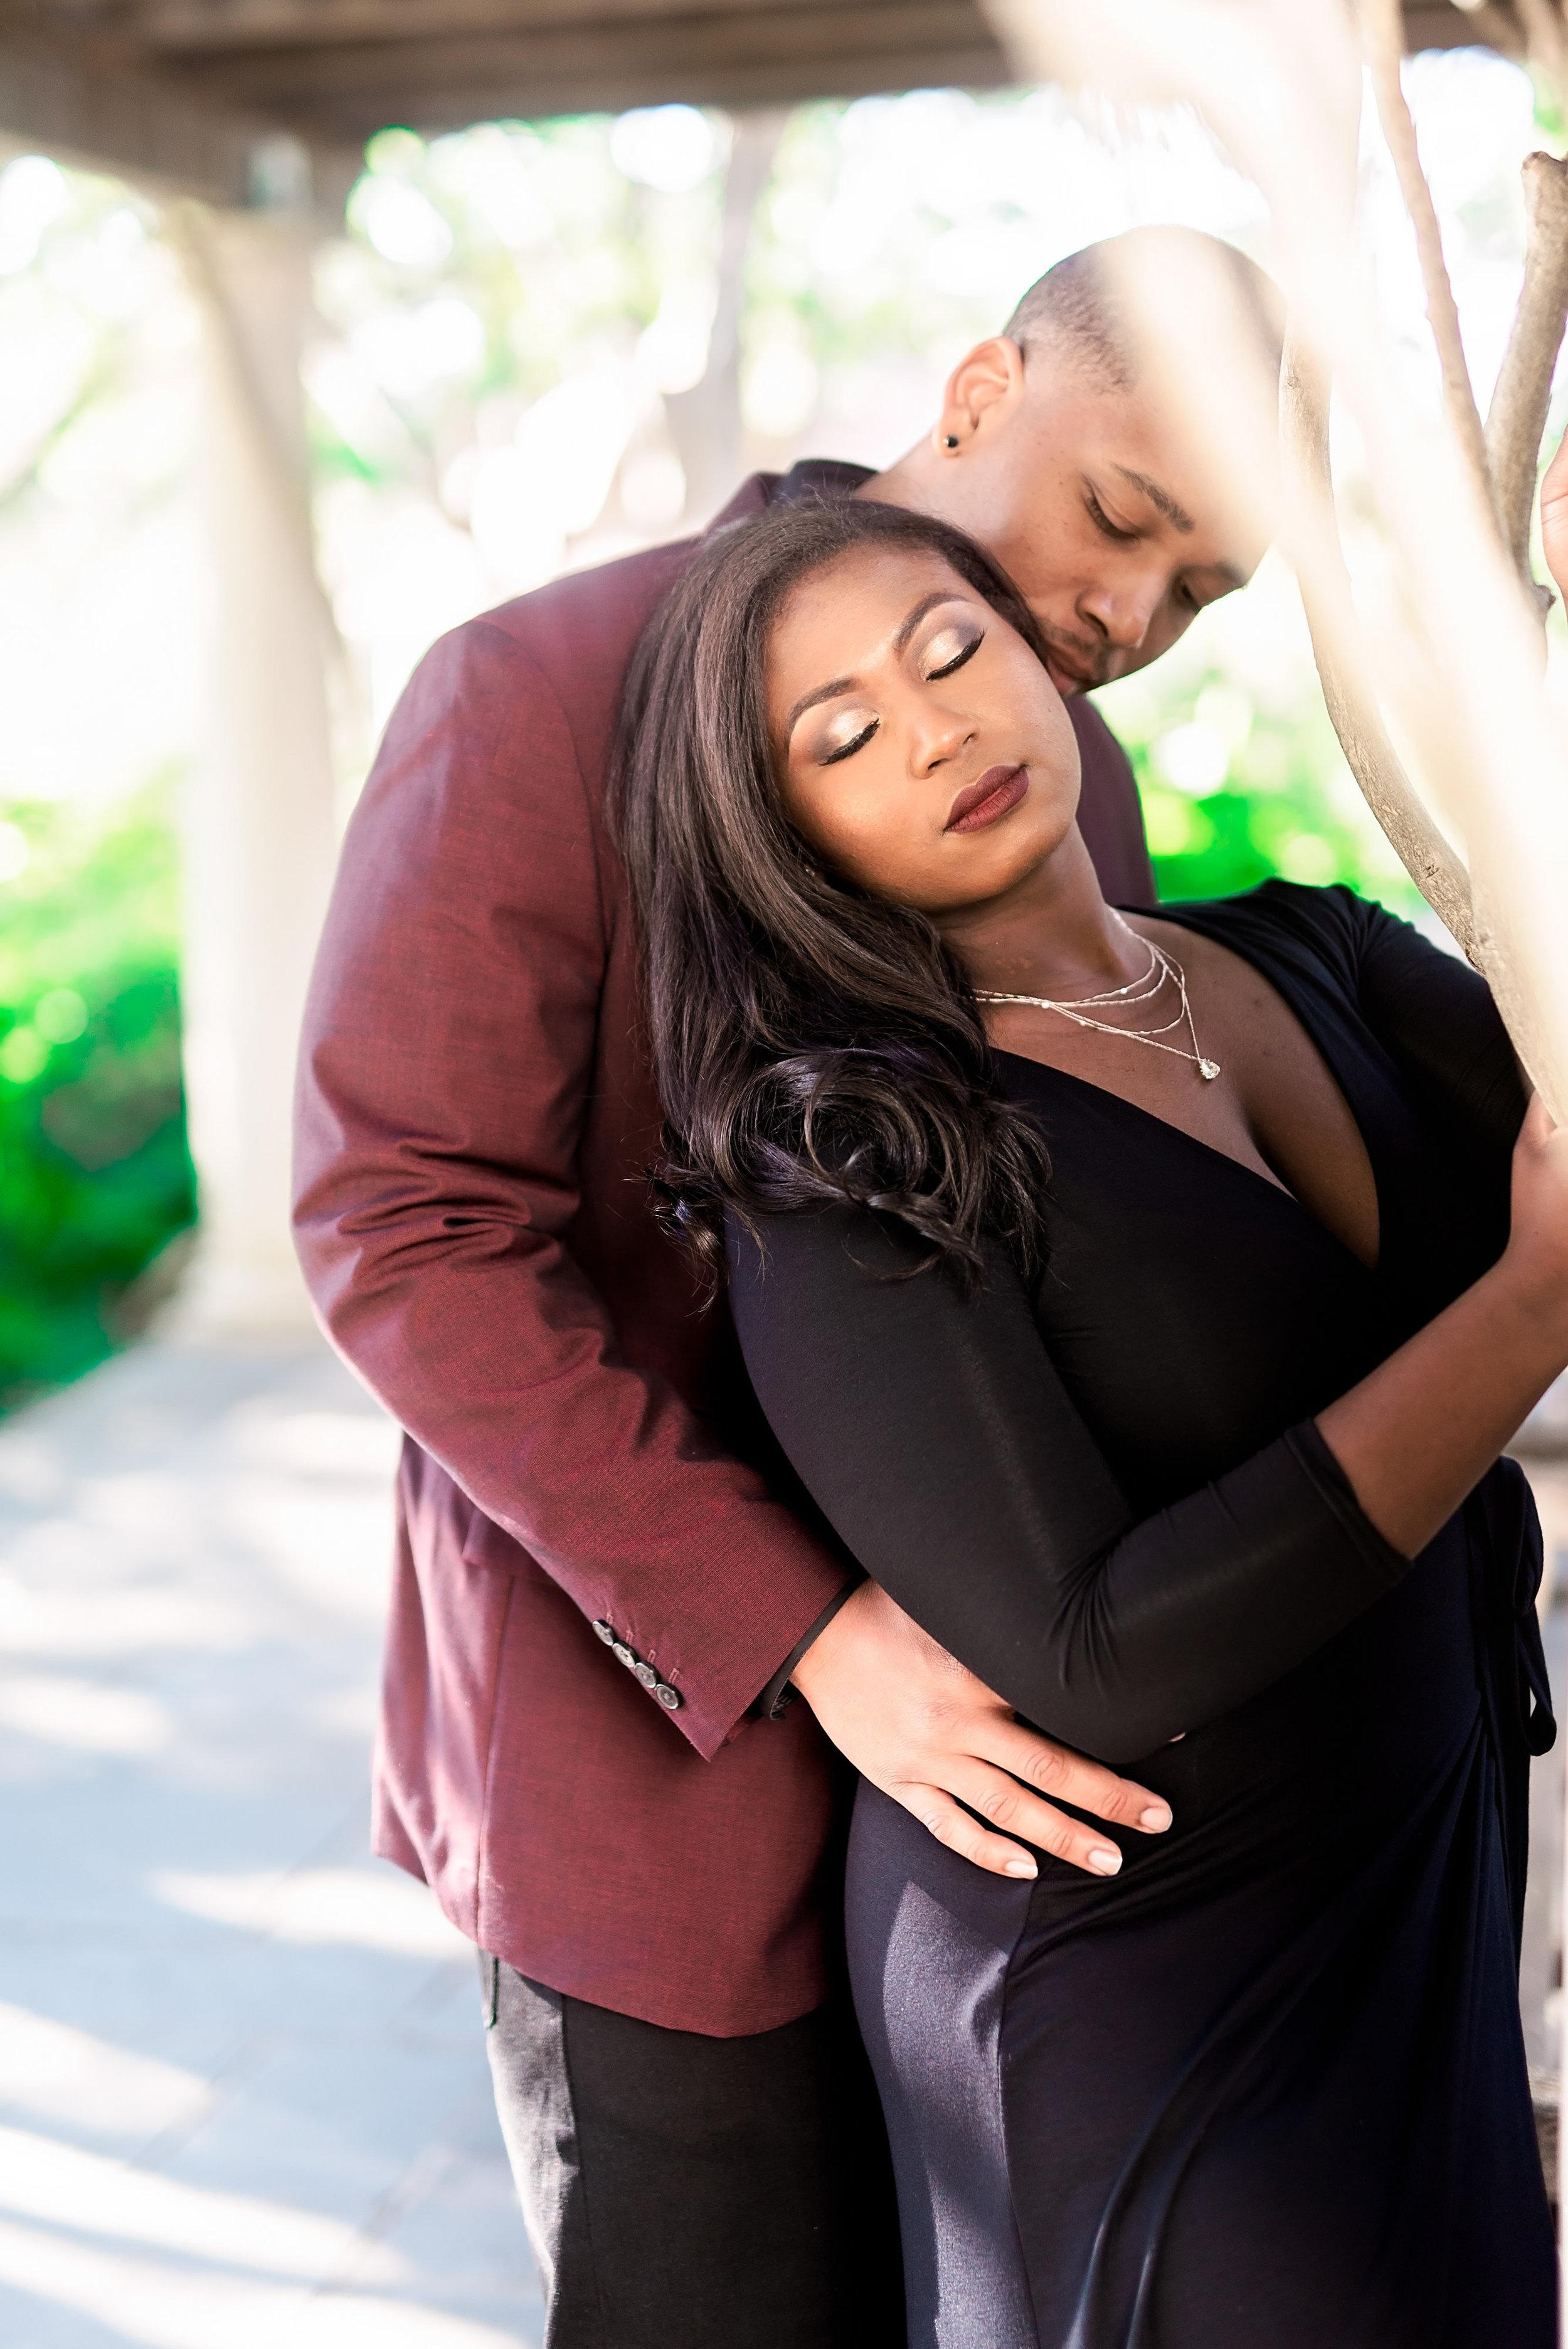 Kevin-Adriana-Pharris-Photography-Engagement-Photoshoot-5.jpg